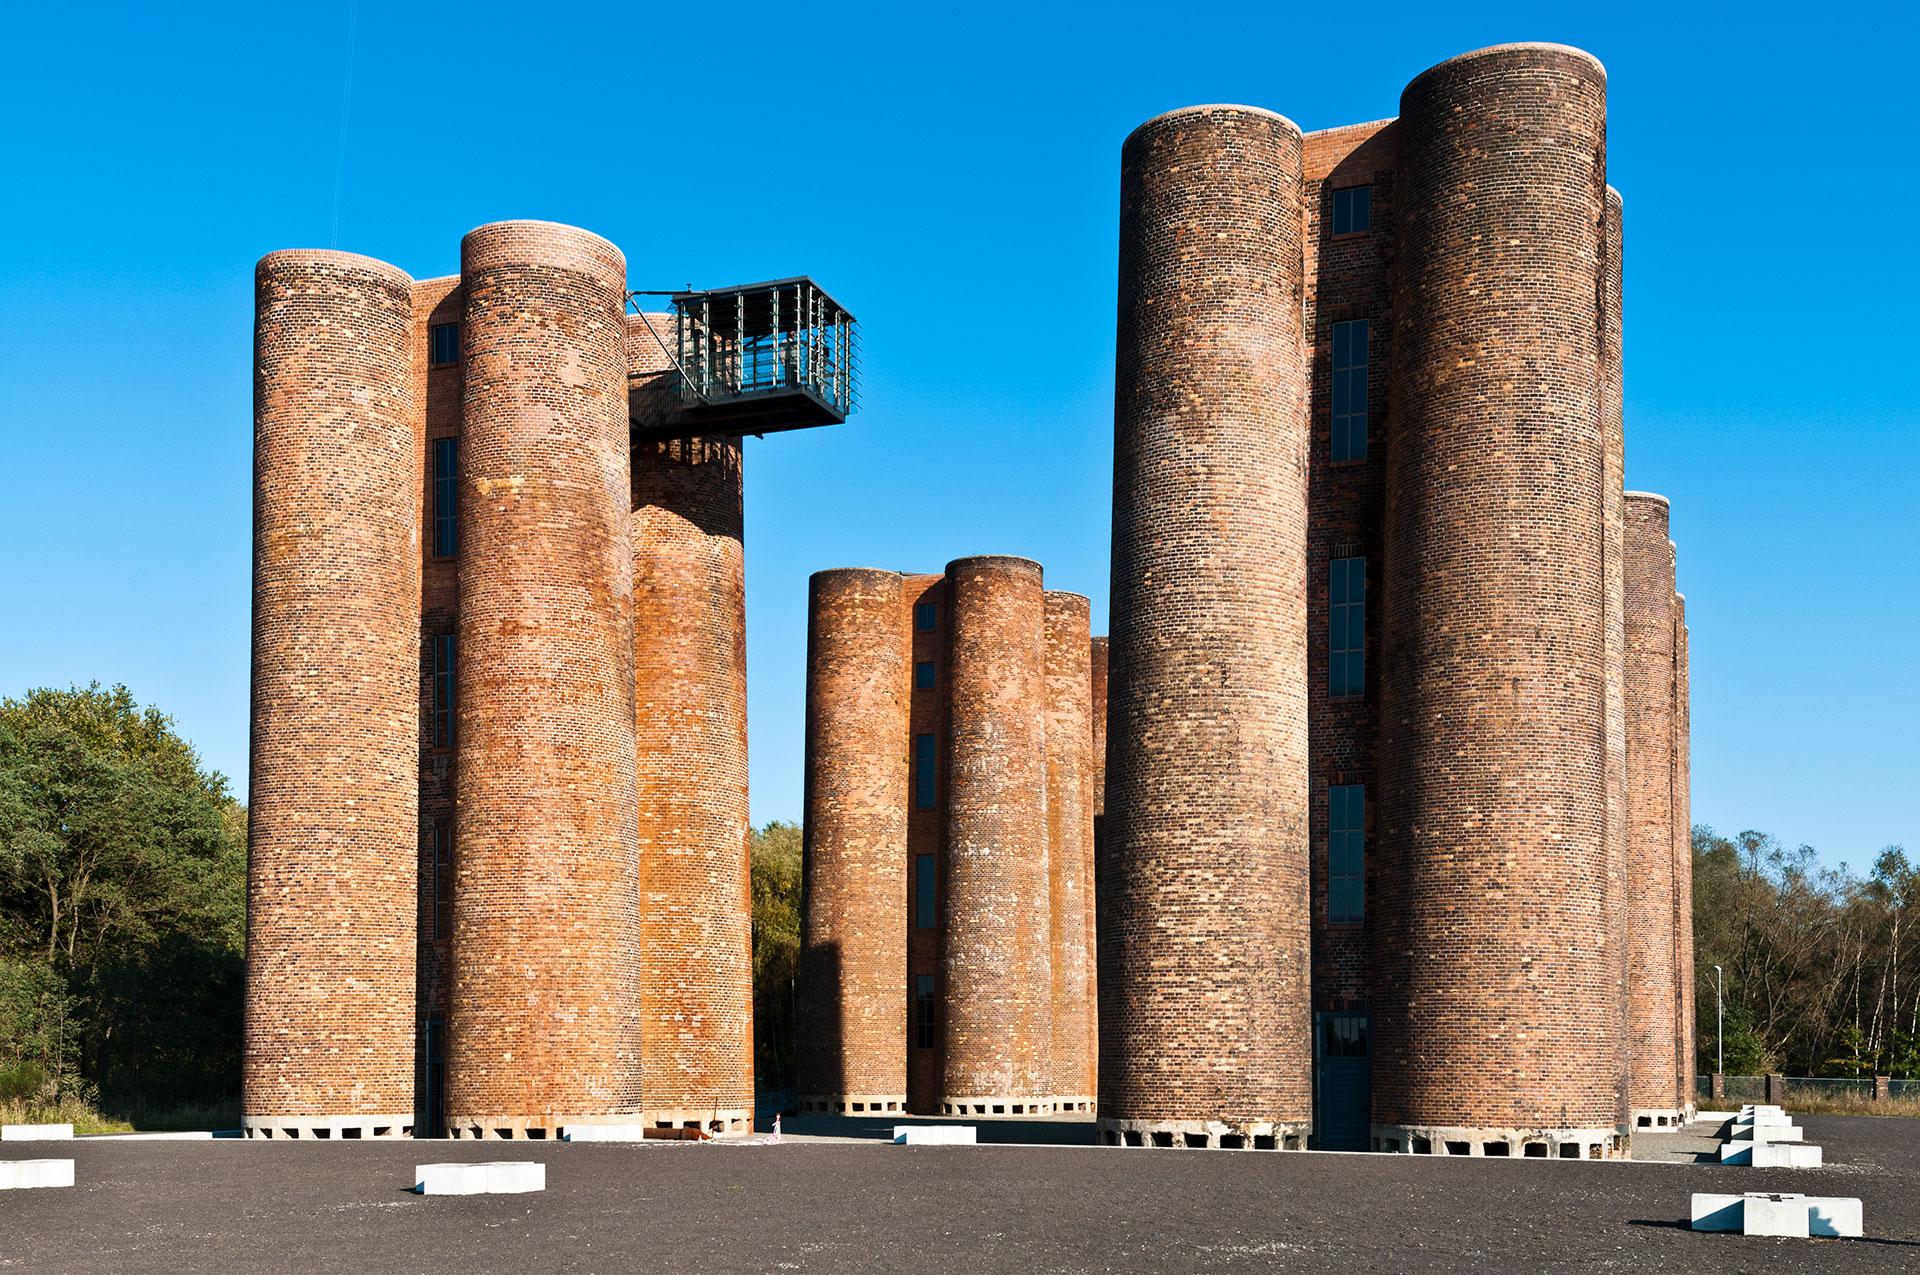 In der Niederlausitz in Lauchhammer stehen diese Backsteintürme. Bei der Koks-Produktion fielen auch große Mengen von phenolhaltigem Abwasser an. Dieses wurde in einer sogenannten Turmtropfkörperanlage mithilfe von Bakterien gereinigt: den Biotürmen.